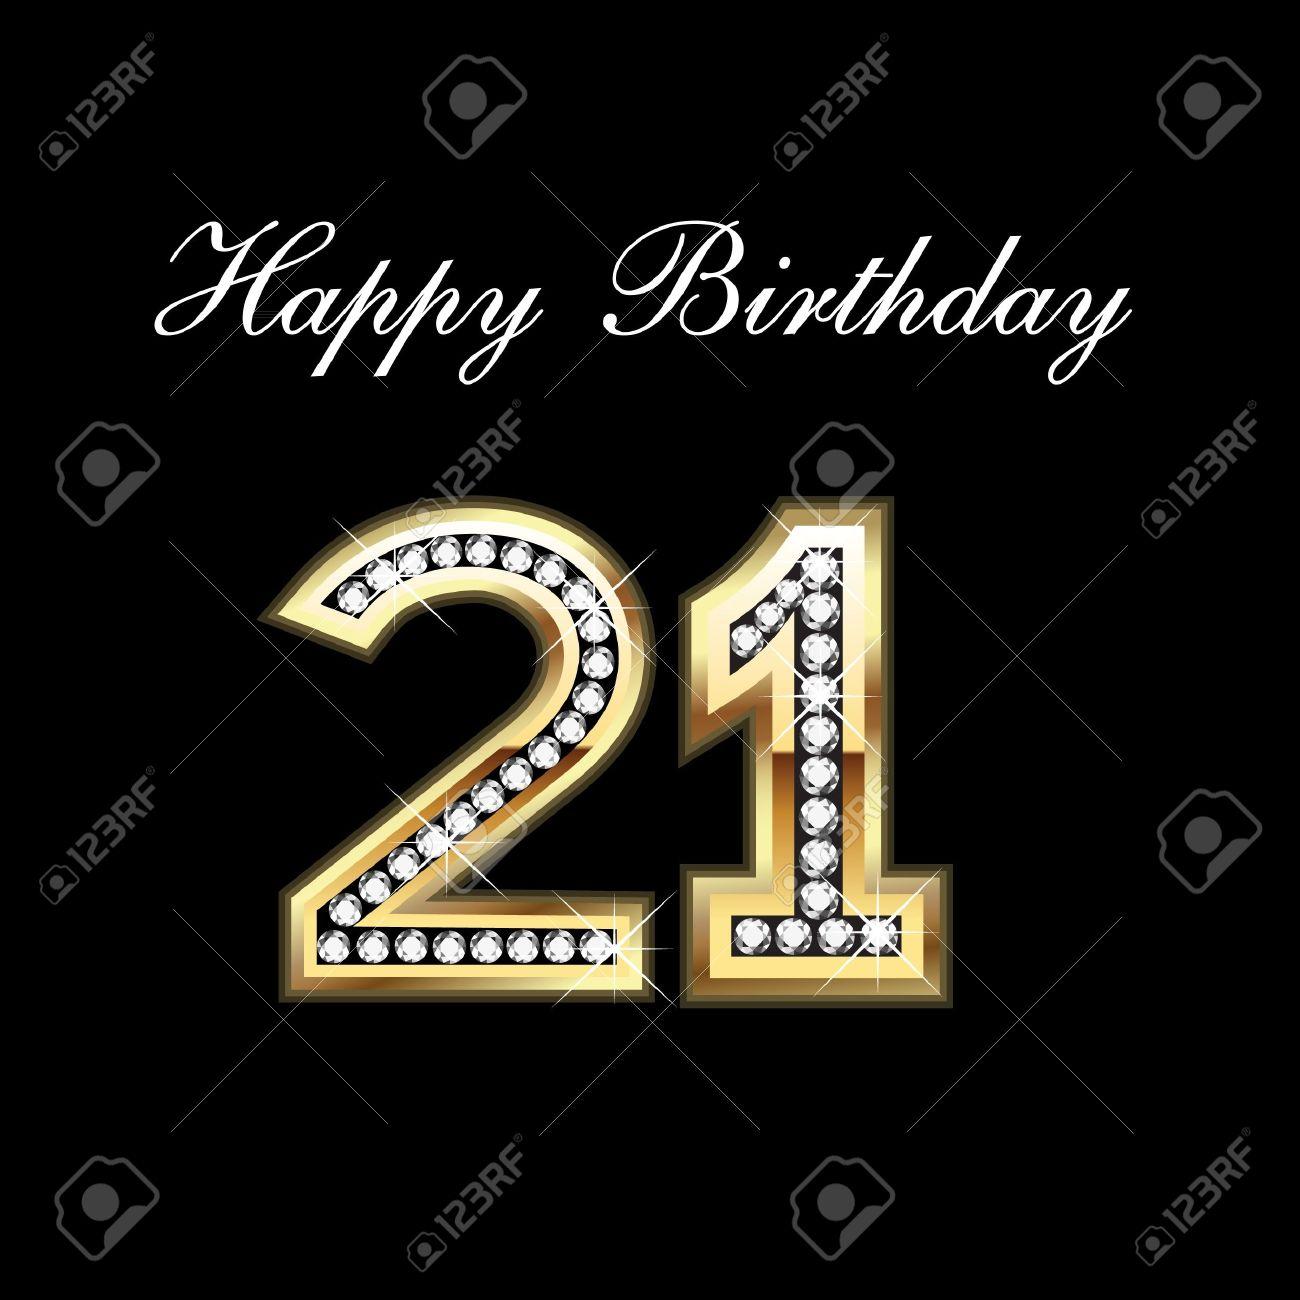 Прикольные поздравления на день рождения 21 год - Поздравок 58